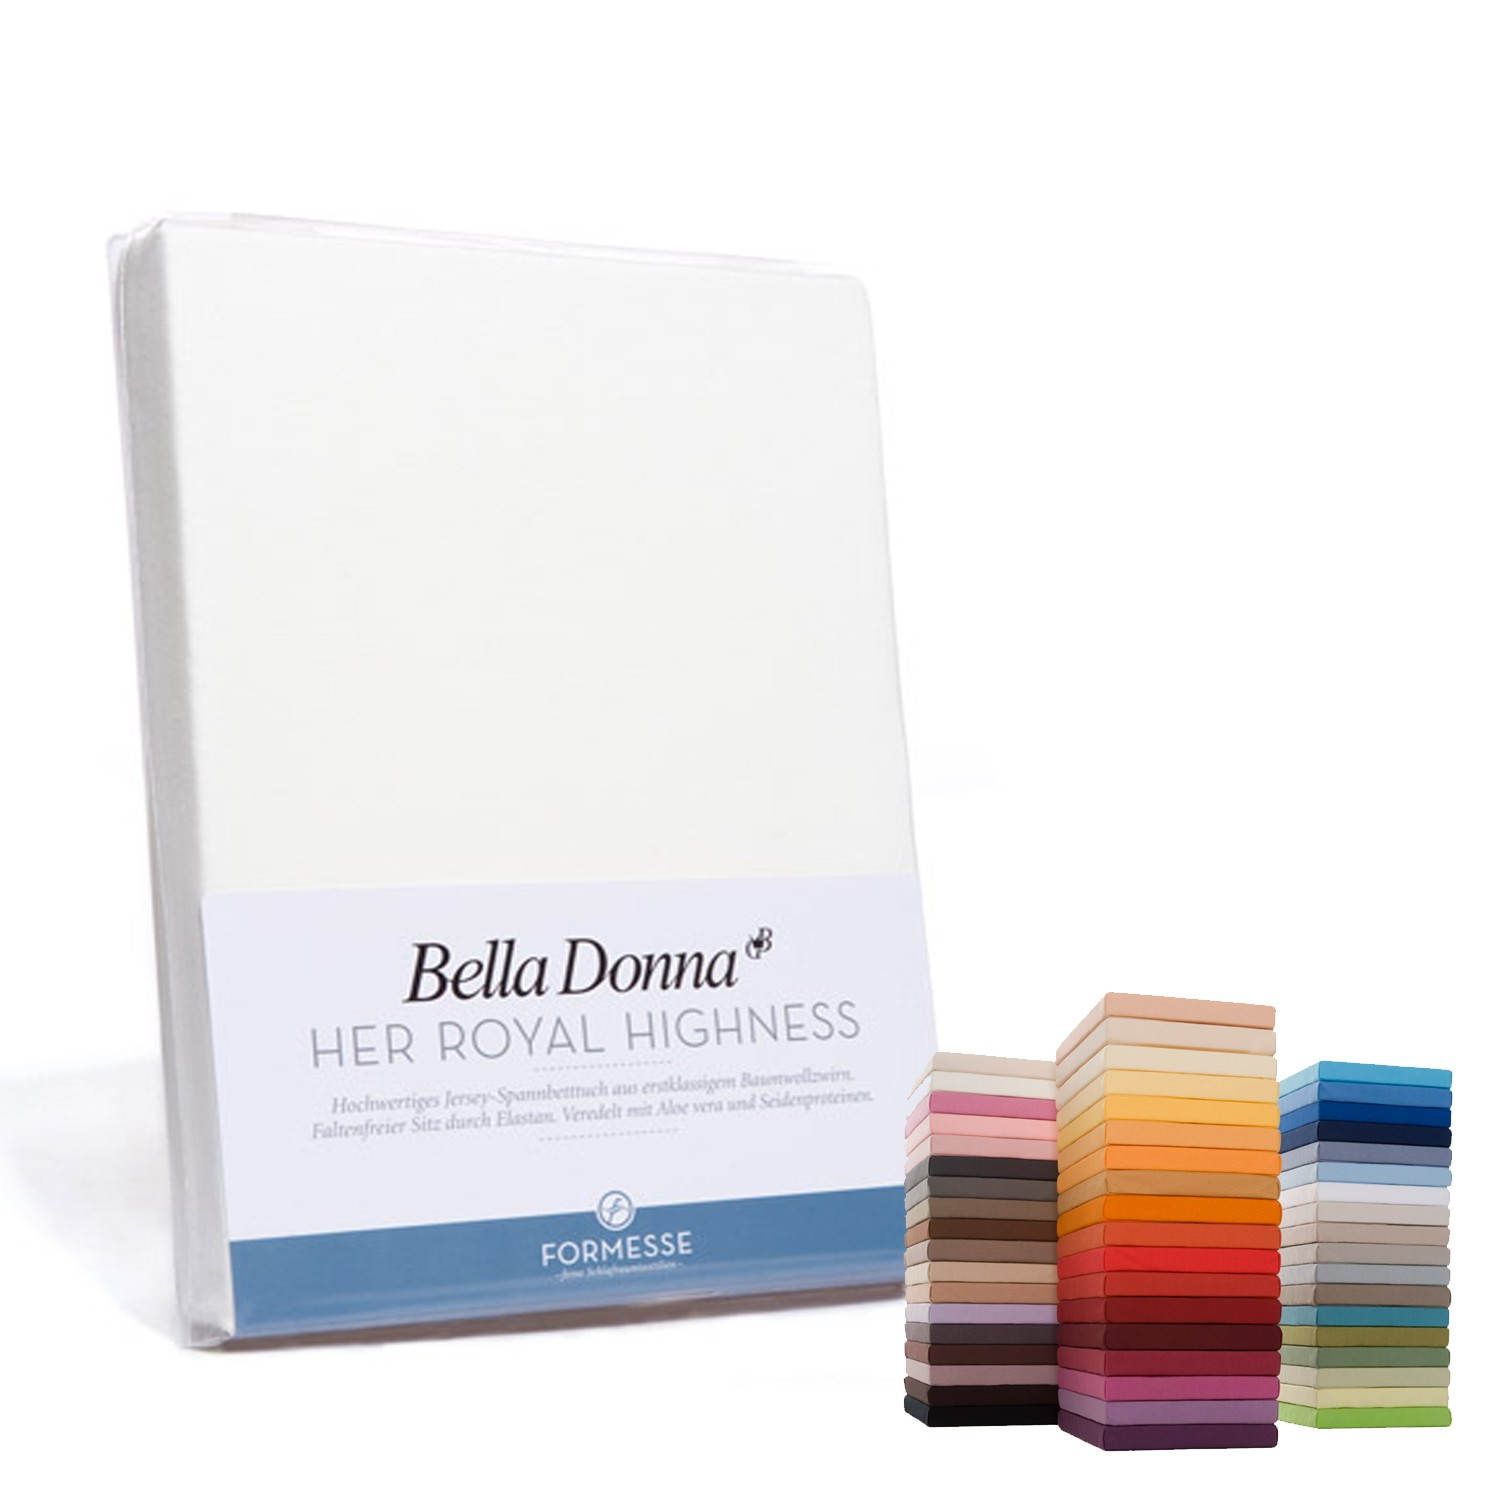 Formesse Spannbettlaken Jersey Bella Donna 180x200 bis 200x220 cm